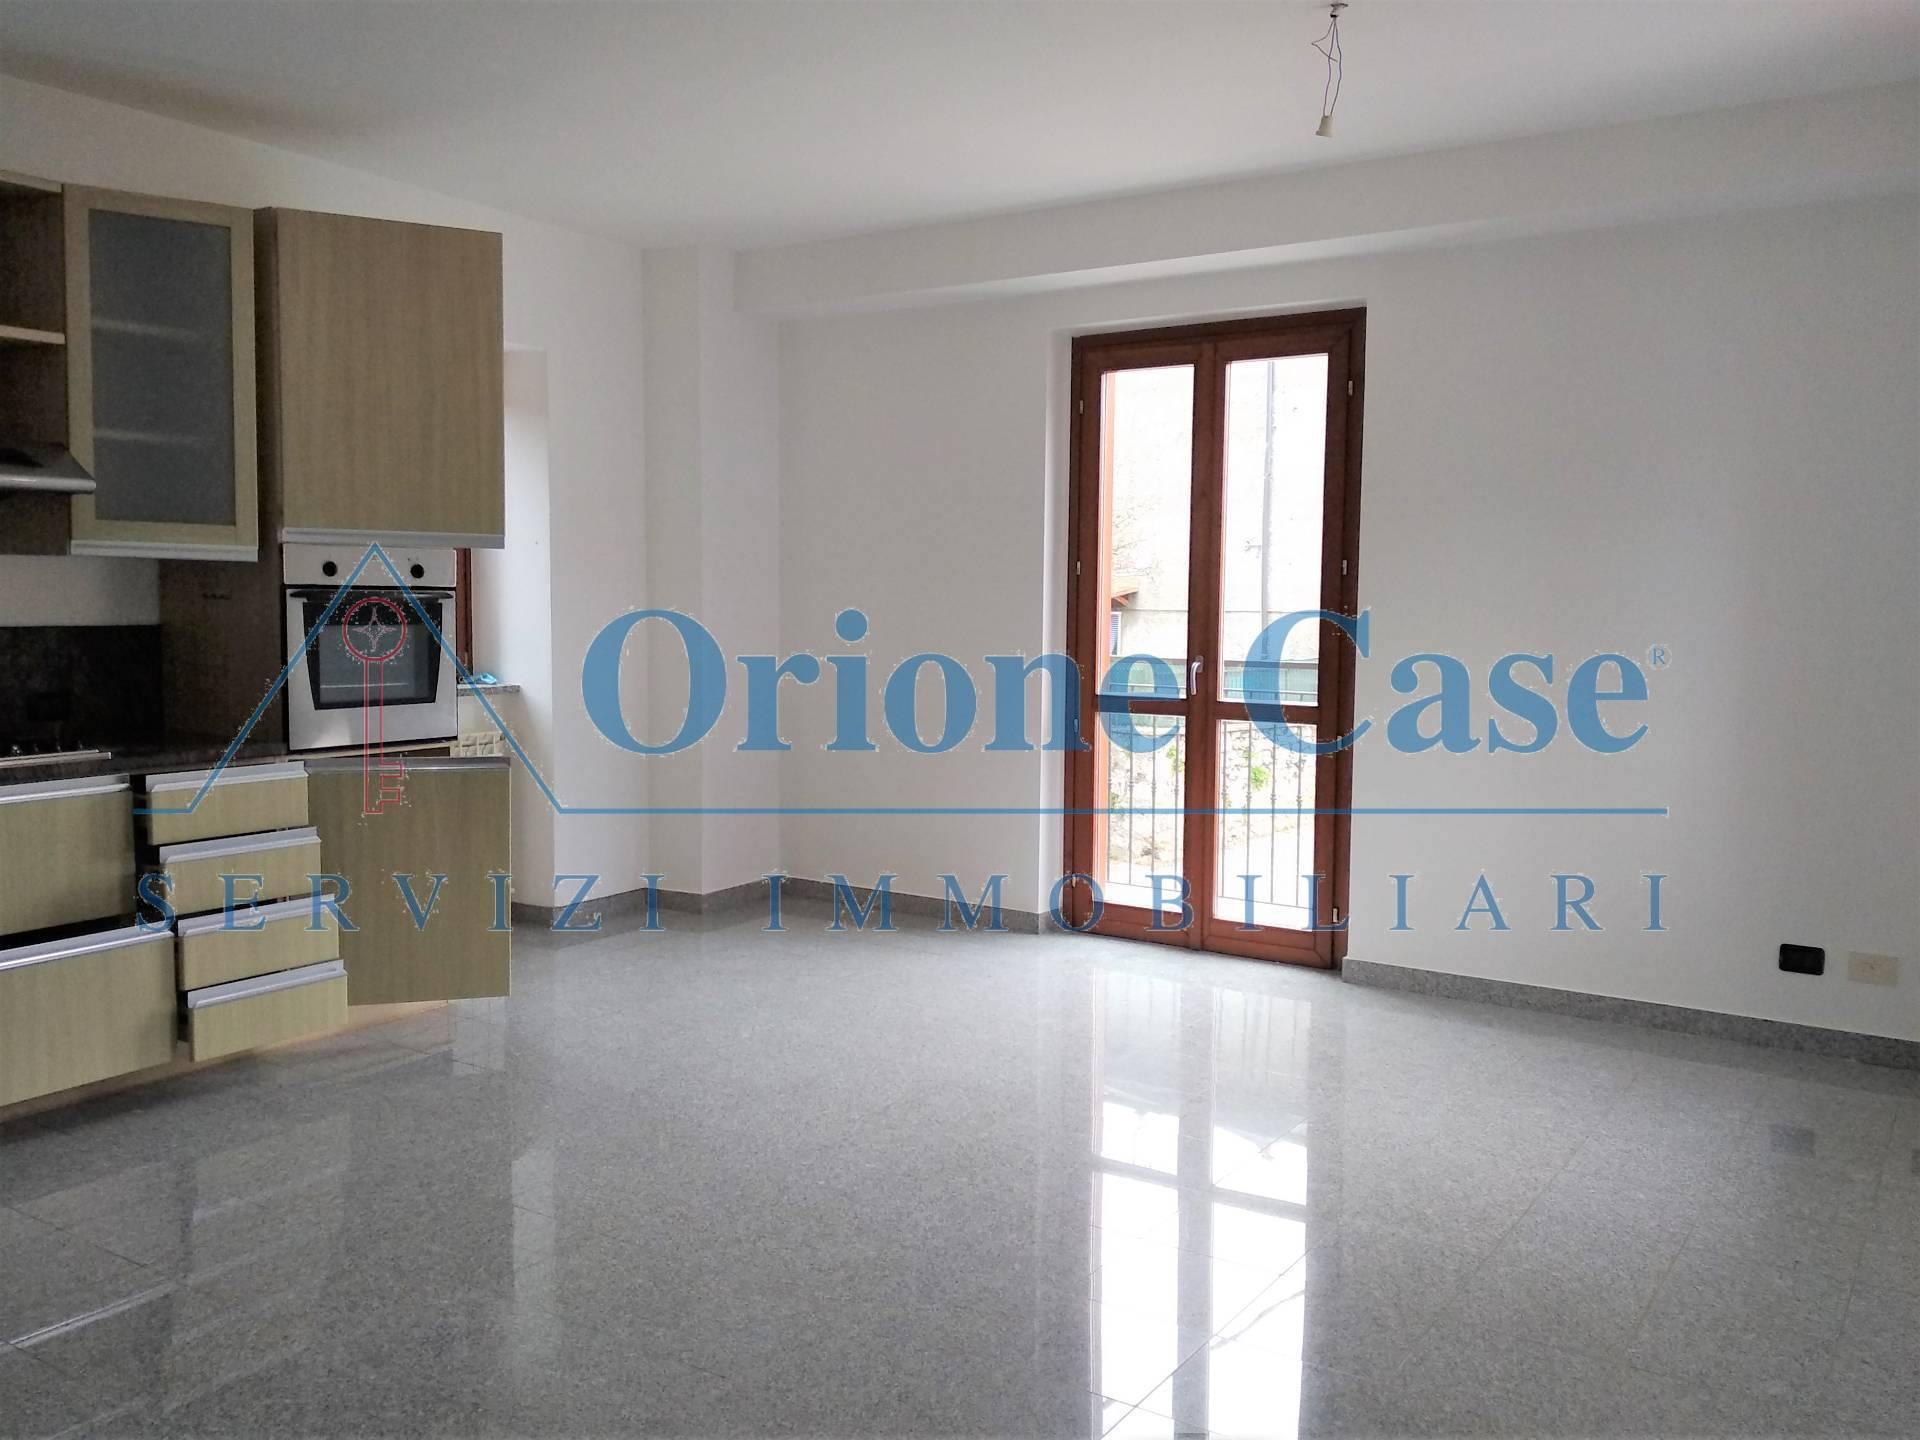 Appartamento in affitto a Ferrera di Varese, 2 locali, prezzo € 450 | PortaleAgenzieImmobiliari.it